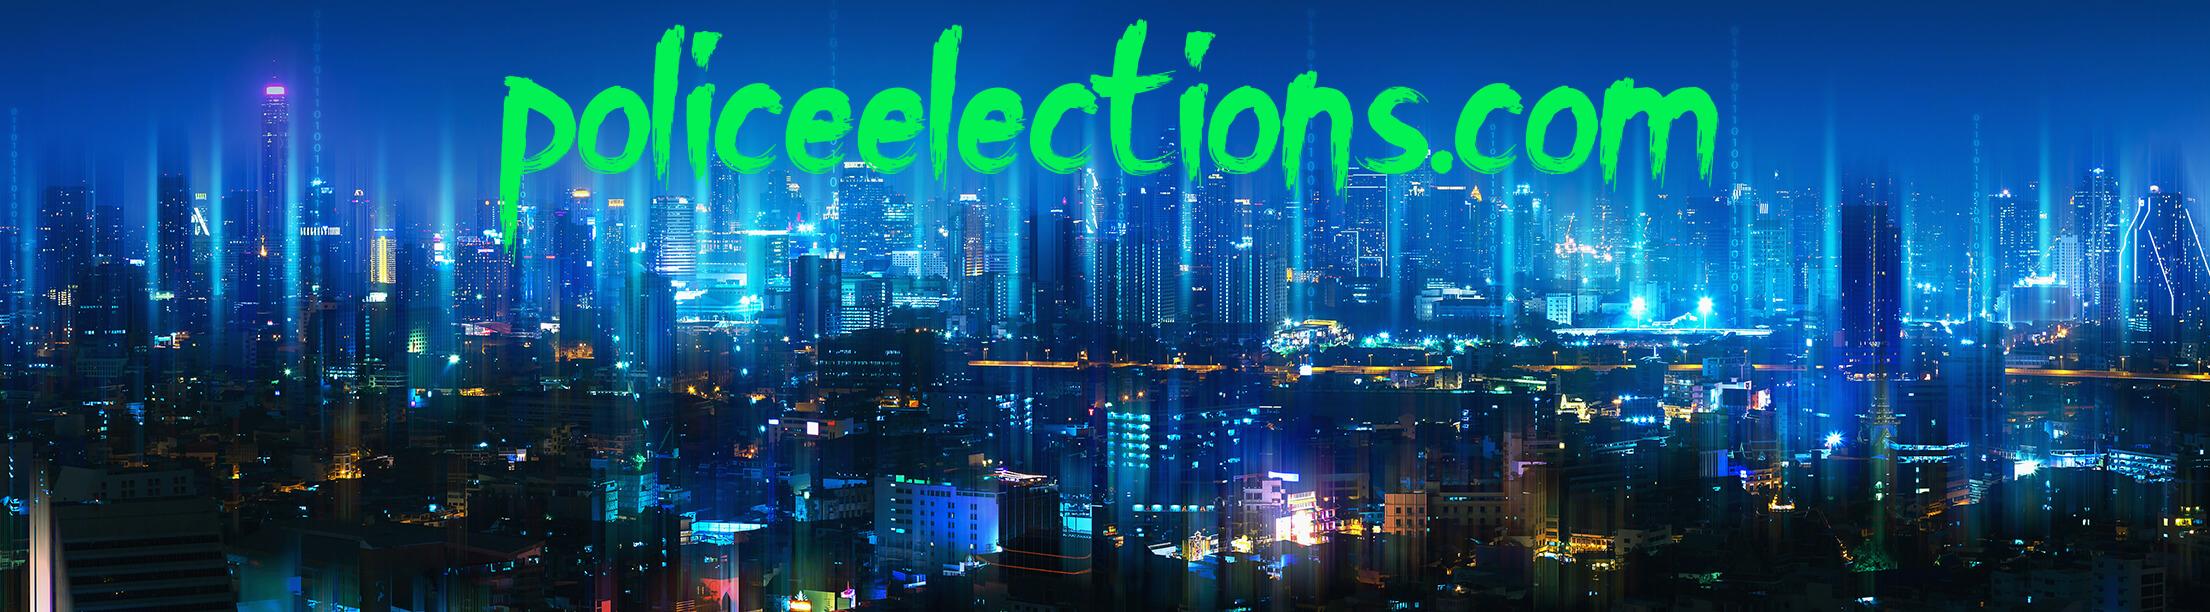 policeelections.com